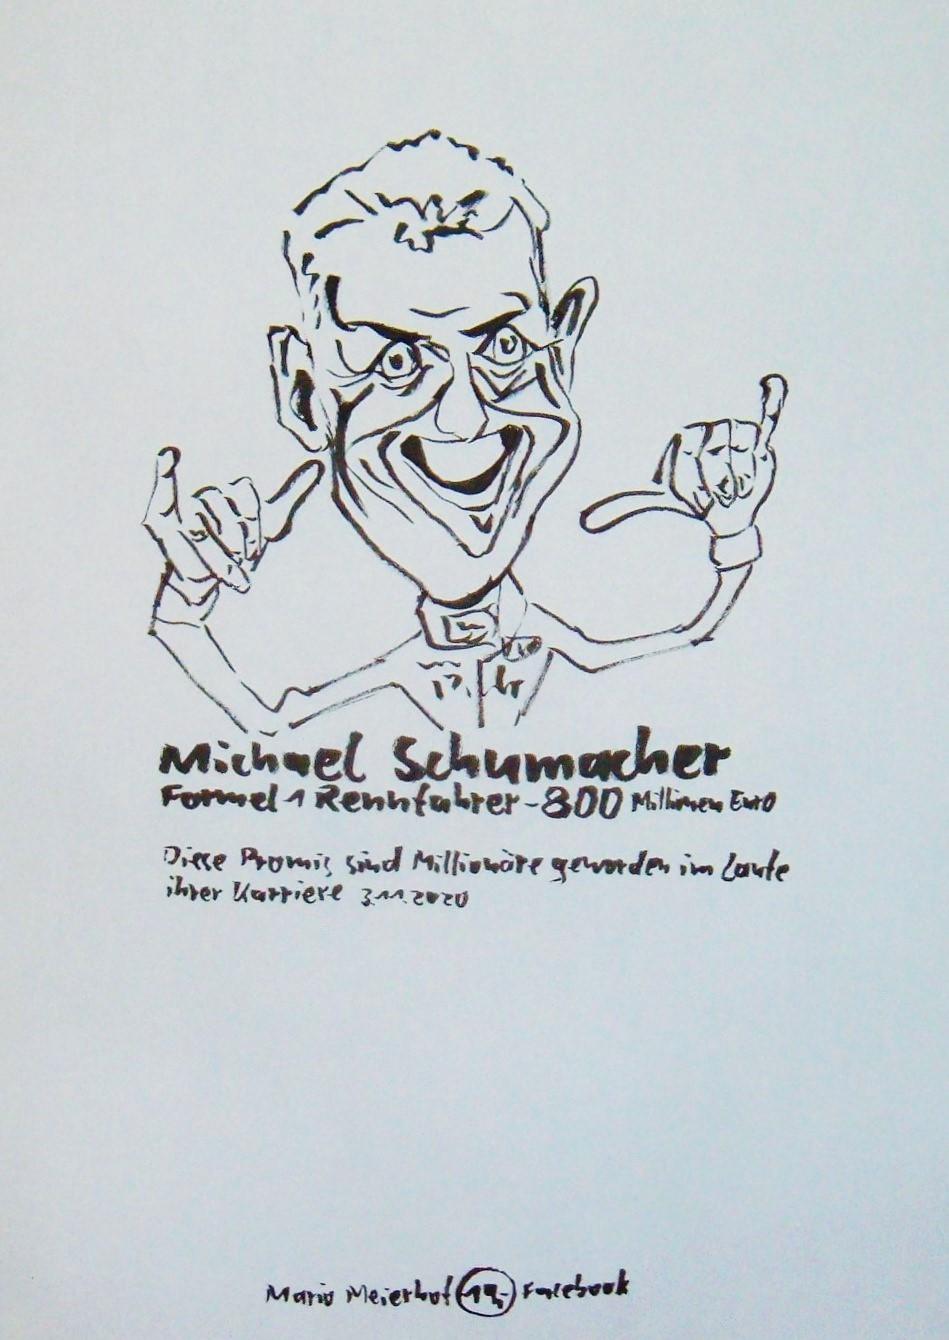 6_laut_forbes_verf__gt_michael_schumacher_a....jpg